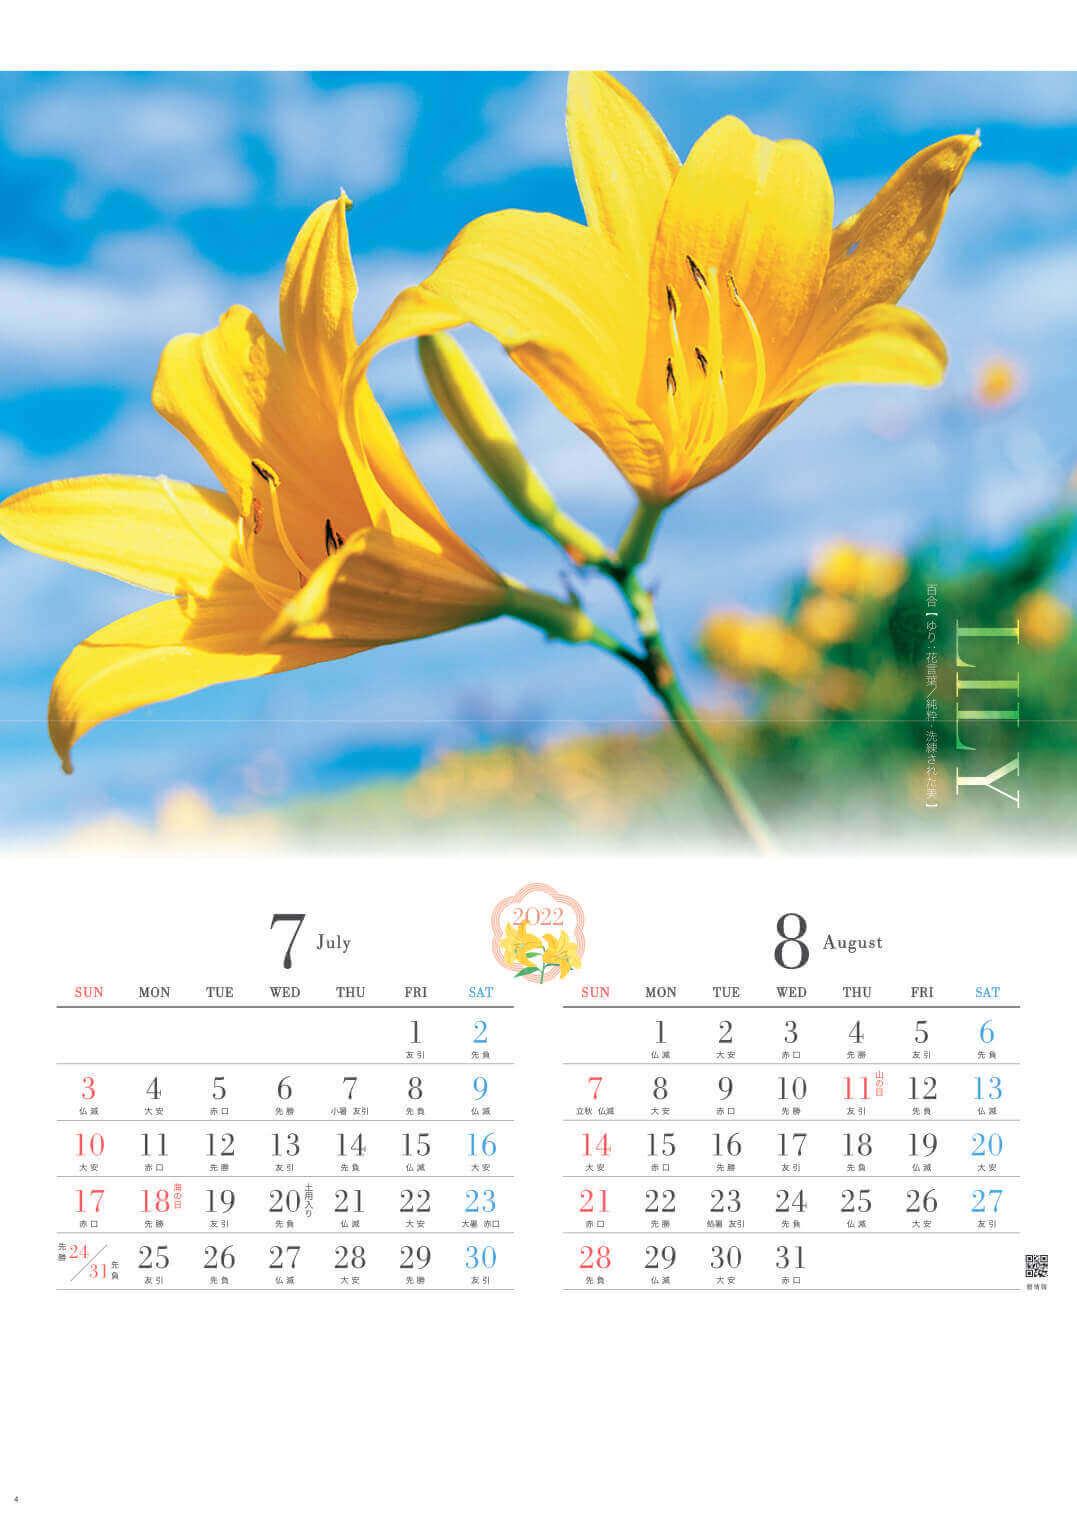 7-8月 百合 四季の花 2022年カレンダーの画像